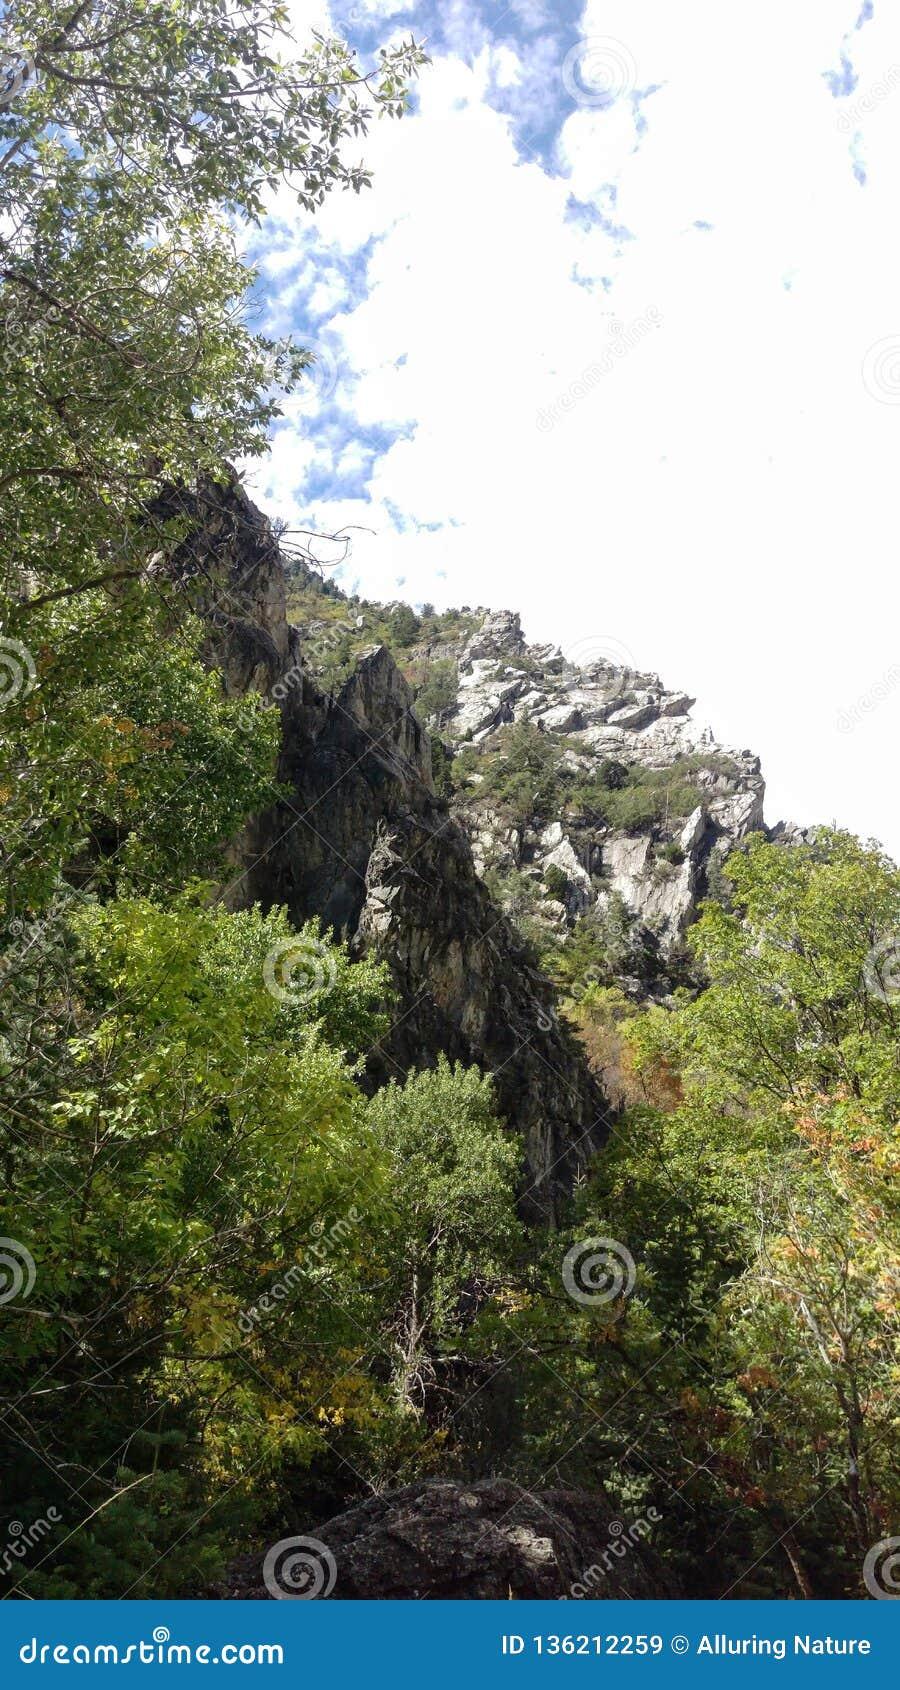 Craggy Outcrops in Rock Canyon